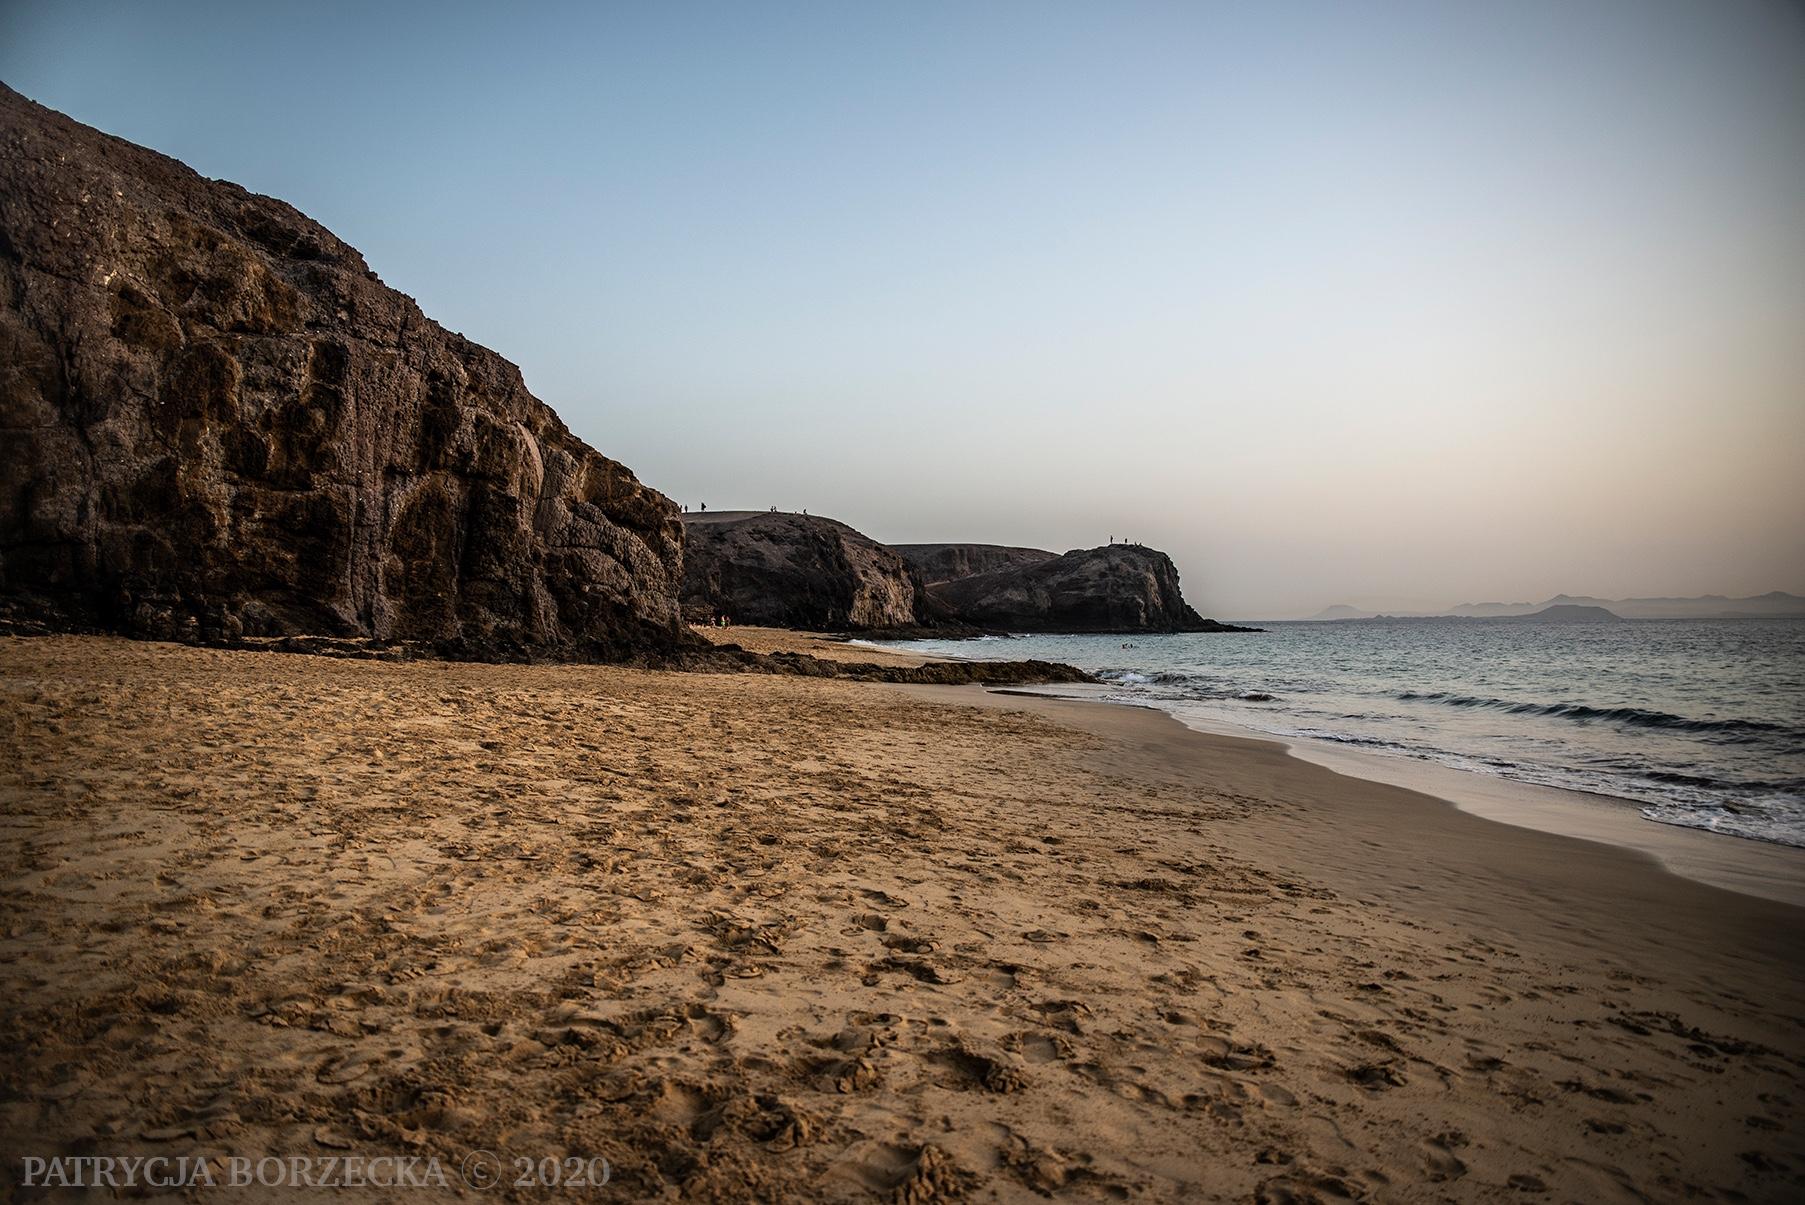 Lanzarote-Papagayo-Patrycja-Borzecka-Photo